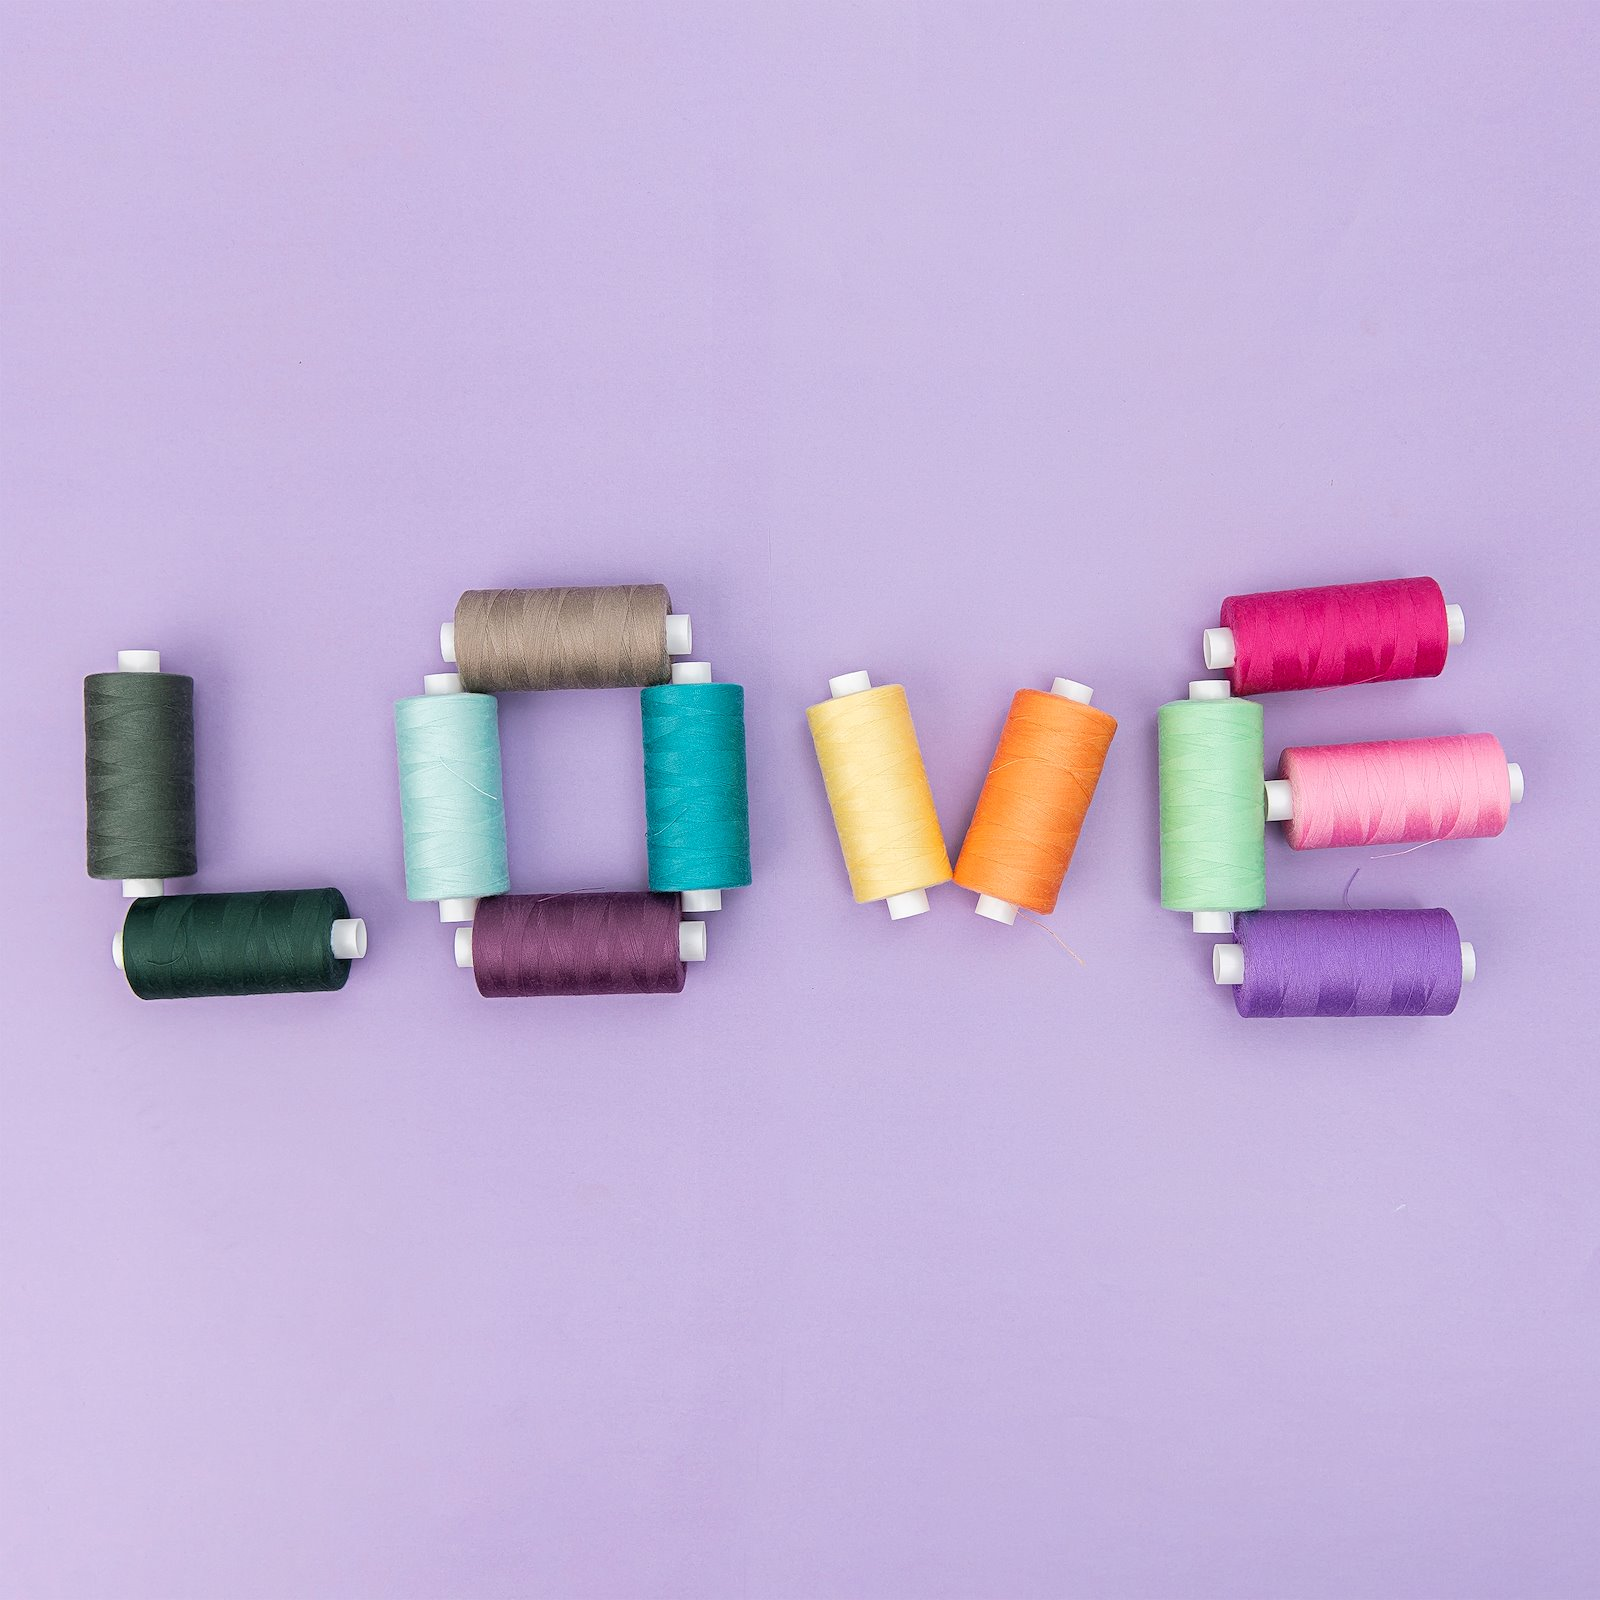 Sewing thread dusty green 1000m 12039_12024_12092_12064_12047_12009_12108_12103_12016_12010_12085_12006_bundle